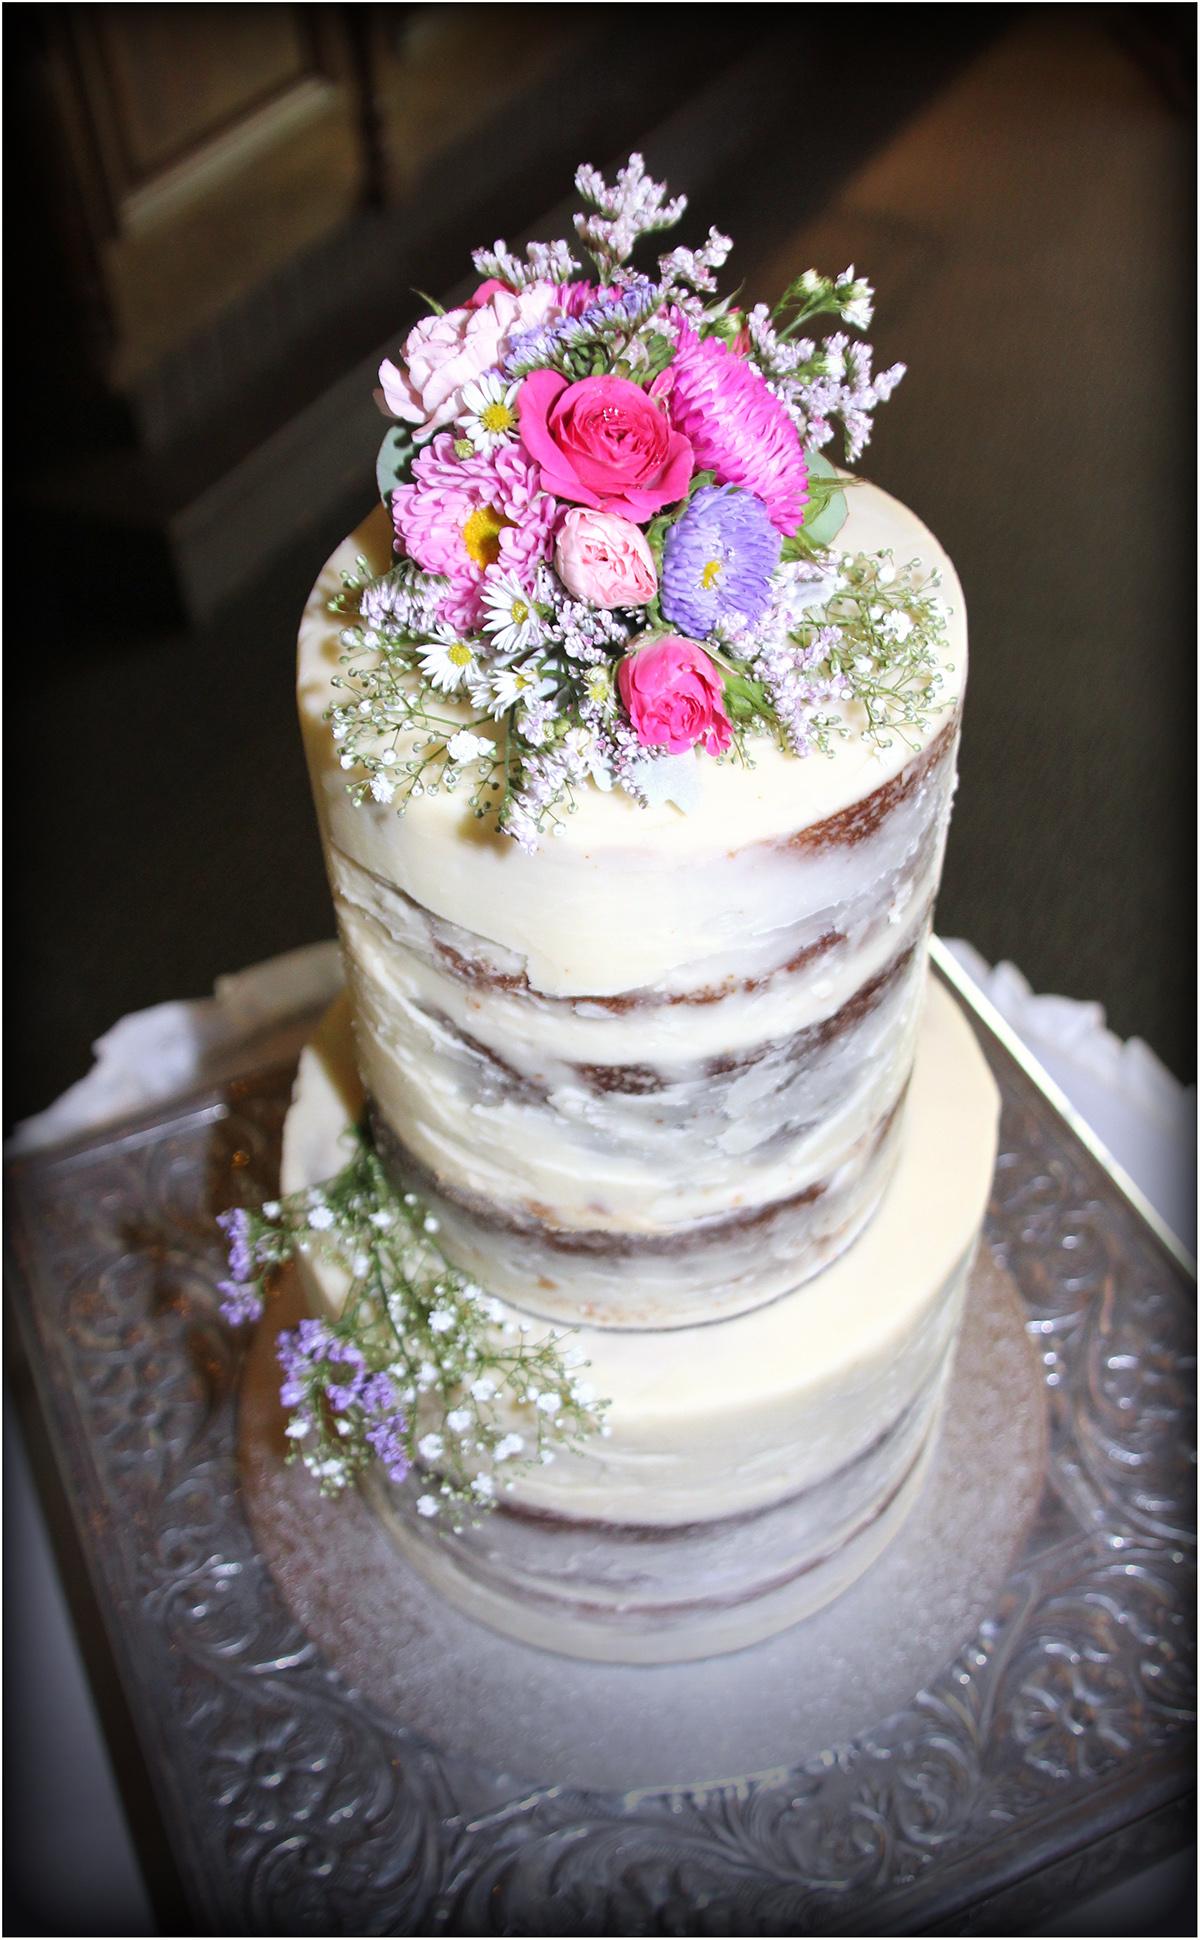 Wedding Cakes Cute Sweet Things